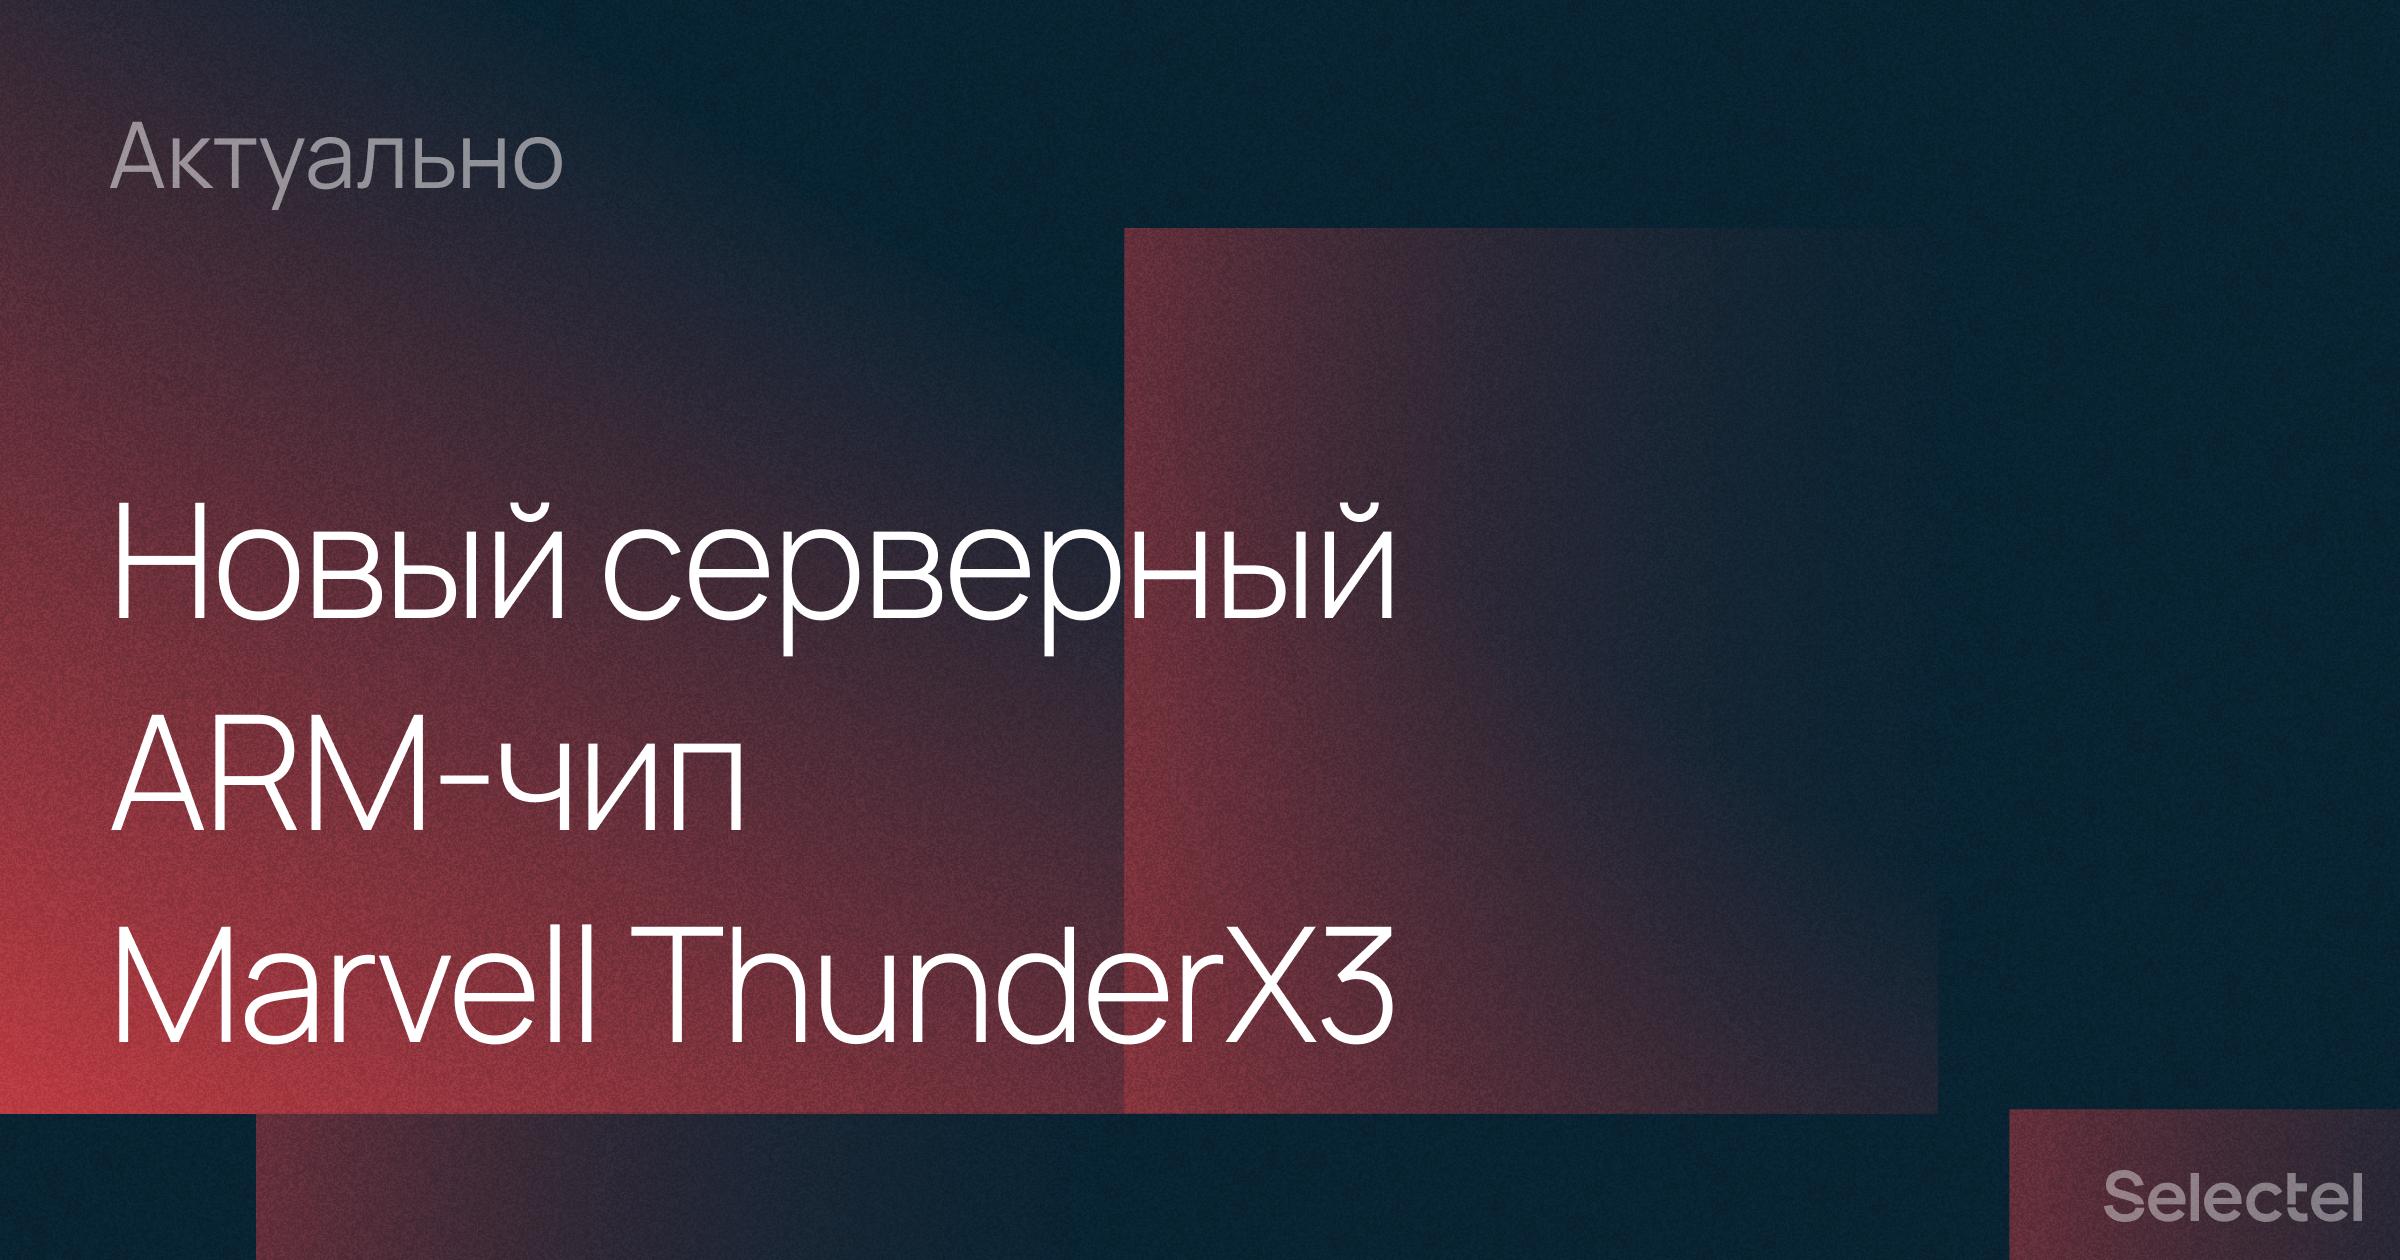 Горшочек, вари: серверный ARM-чип Marvell ThunderX3 с 96 ядрами и SMT4 для 384 потоков - 1